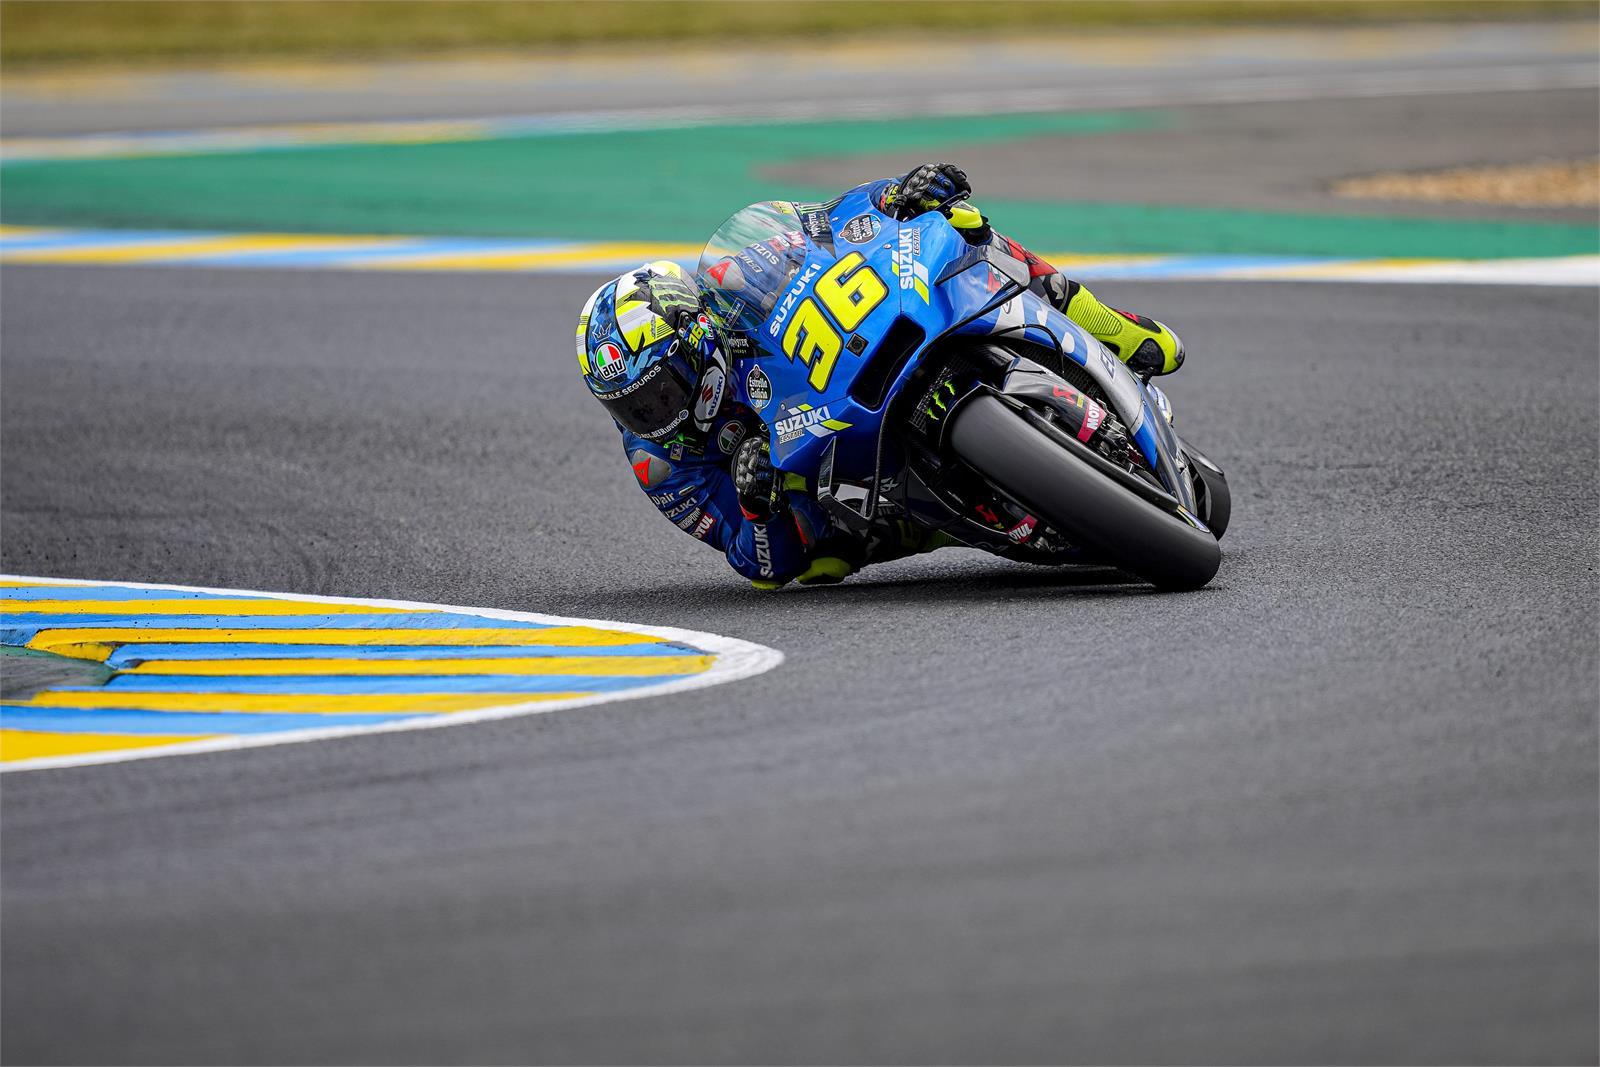 フランスGP 初日総合13位ジョアン・ミル「フロント周りのフィーリングが良くない」